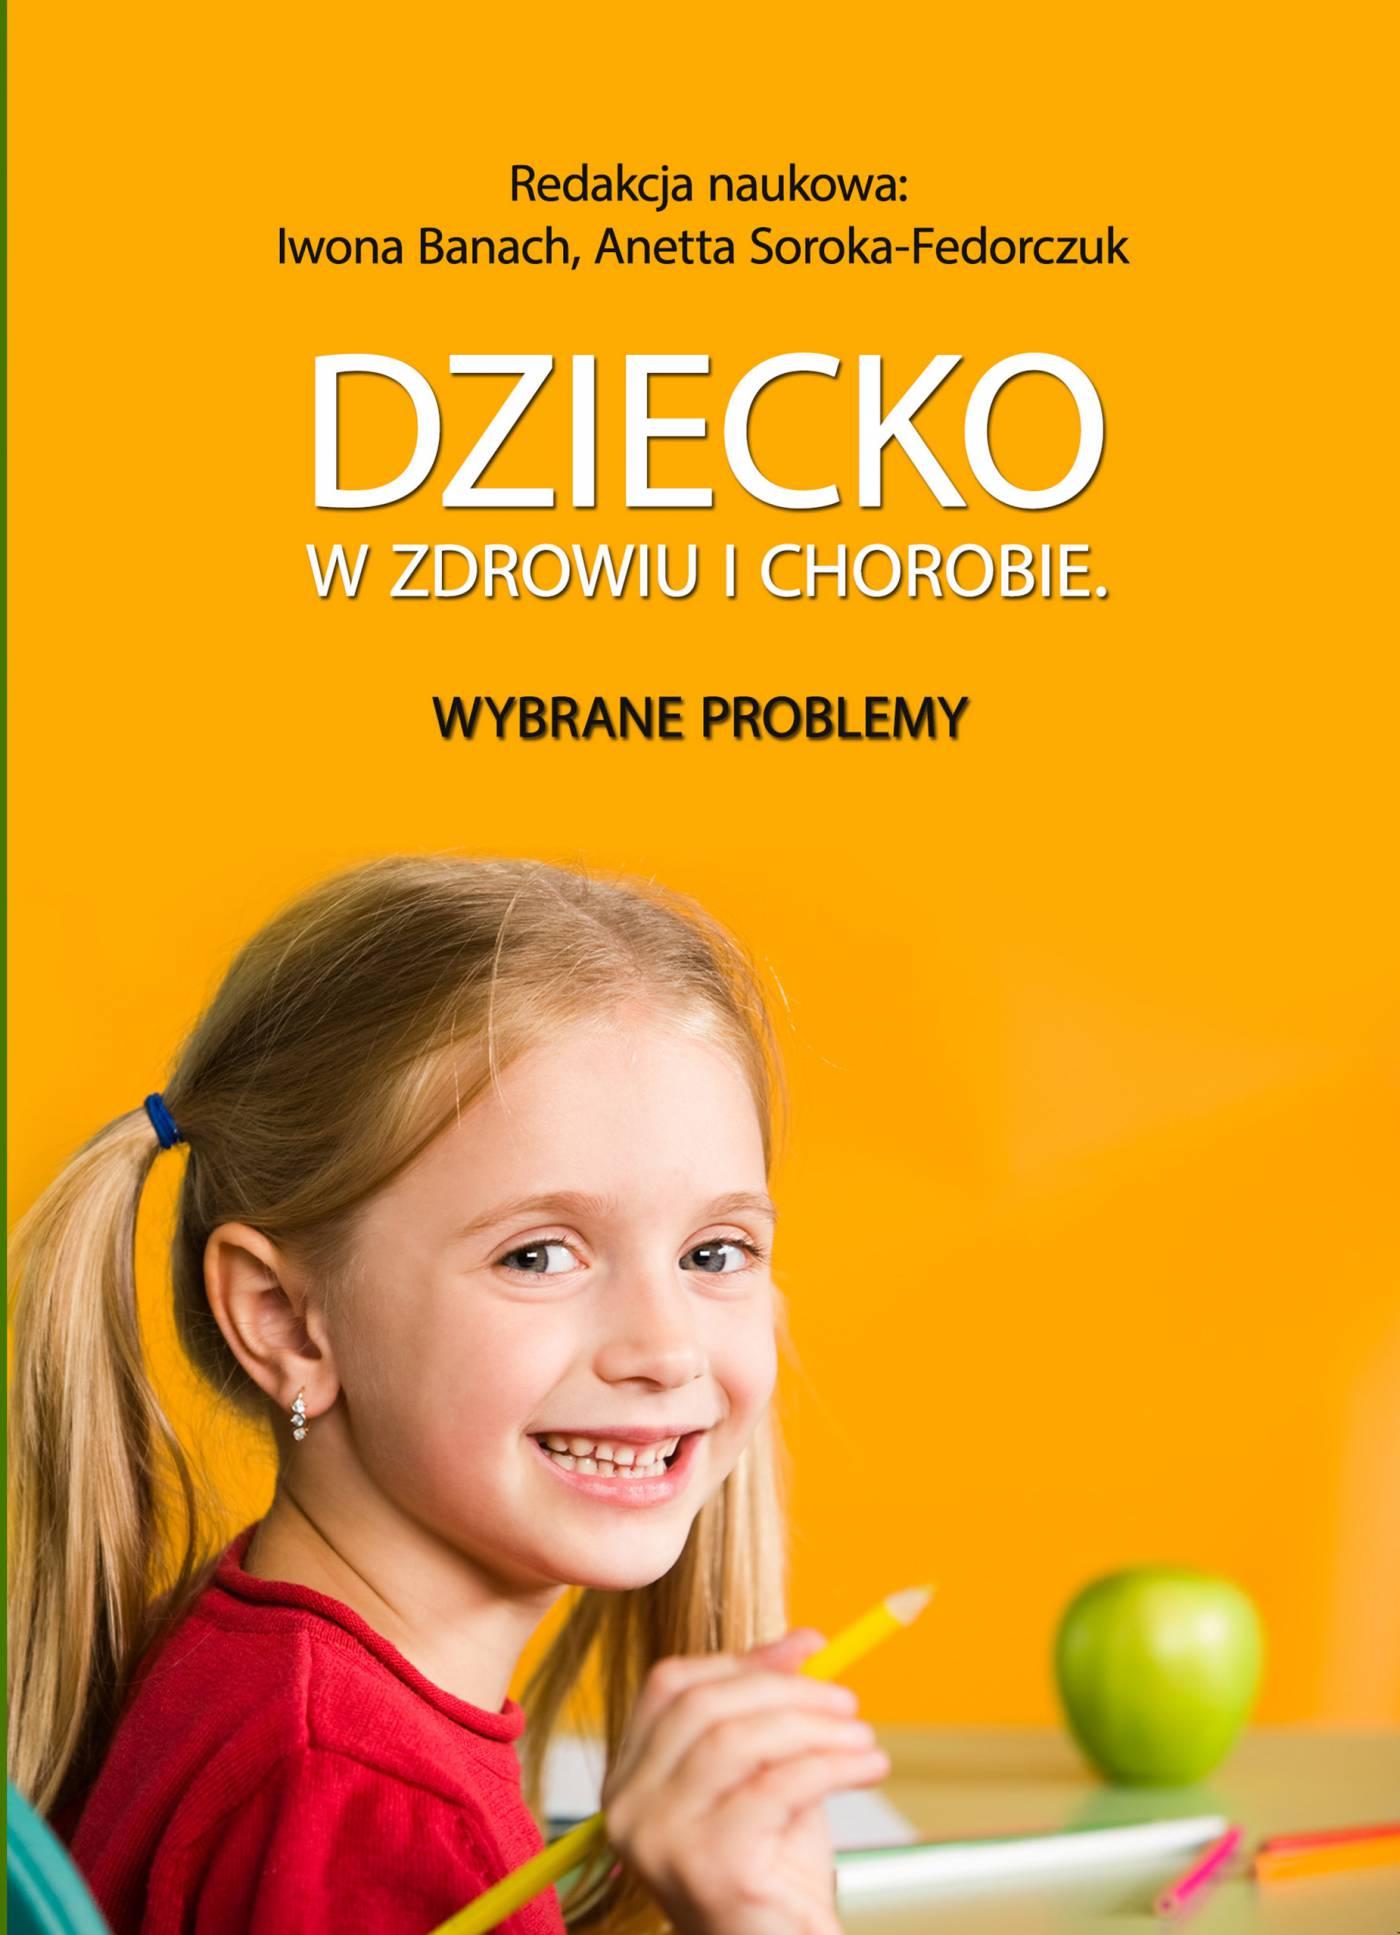 Dziecko w zdrowiu i chorobie. Wybrane problemy - Ebook (Książka PDF) do pobrania w formacie PDF